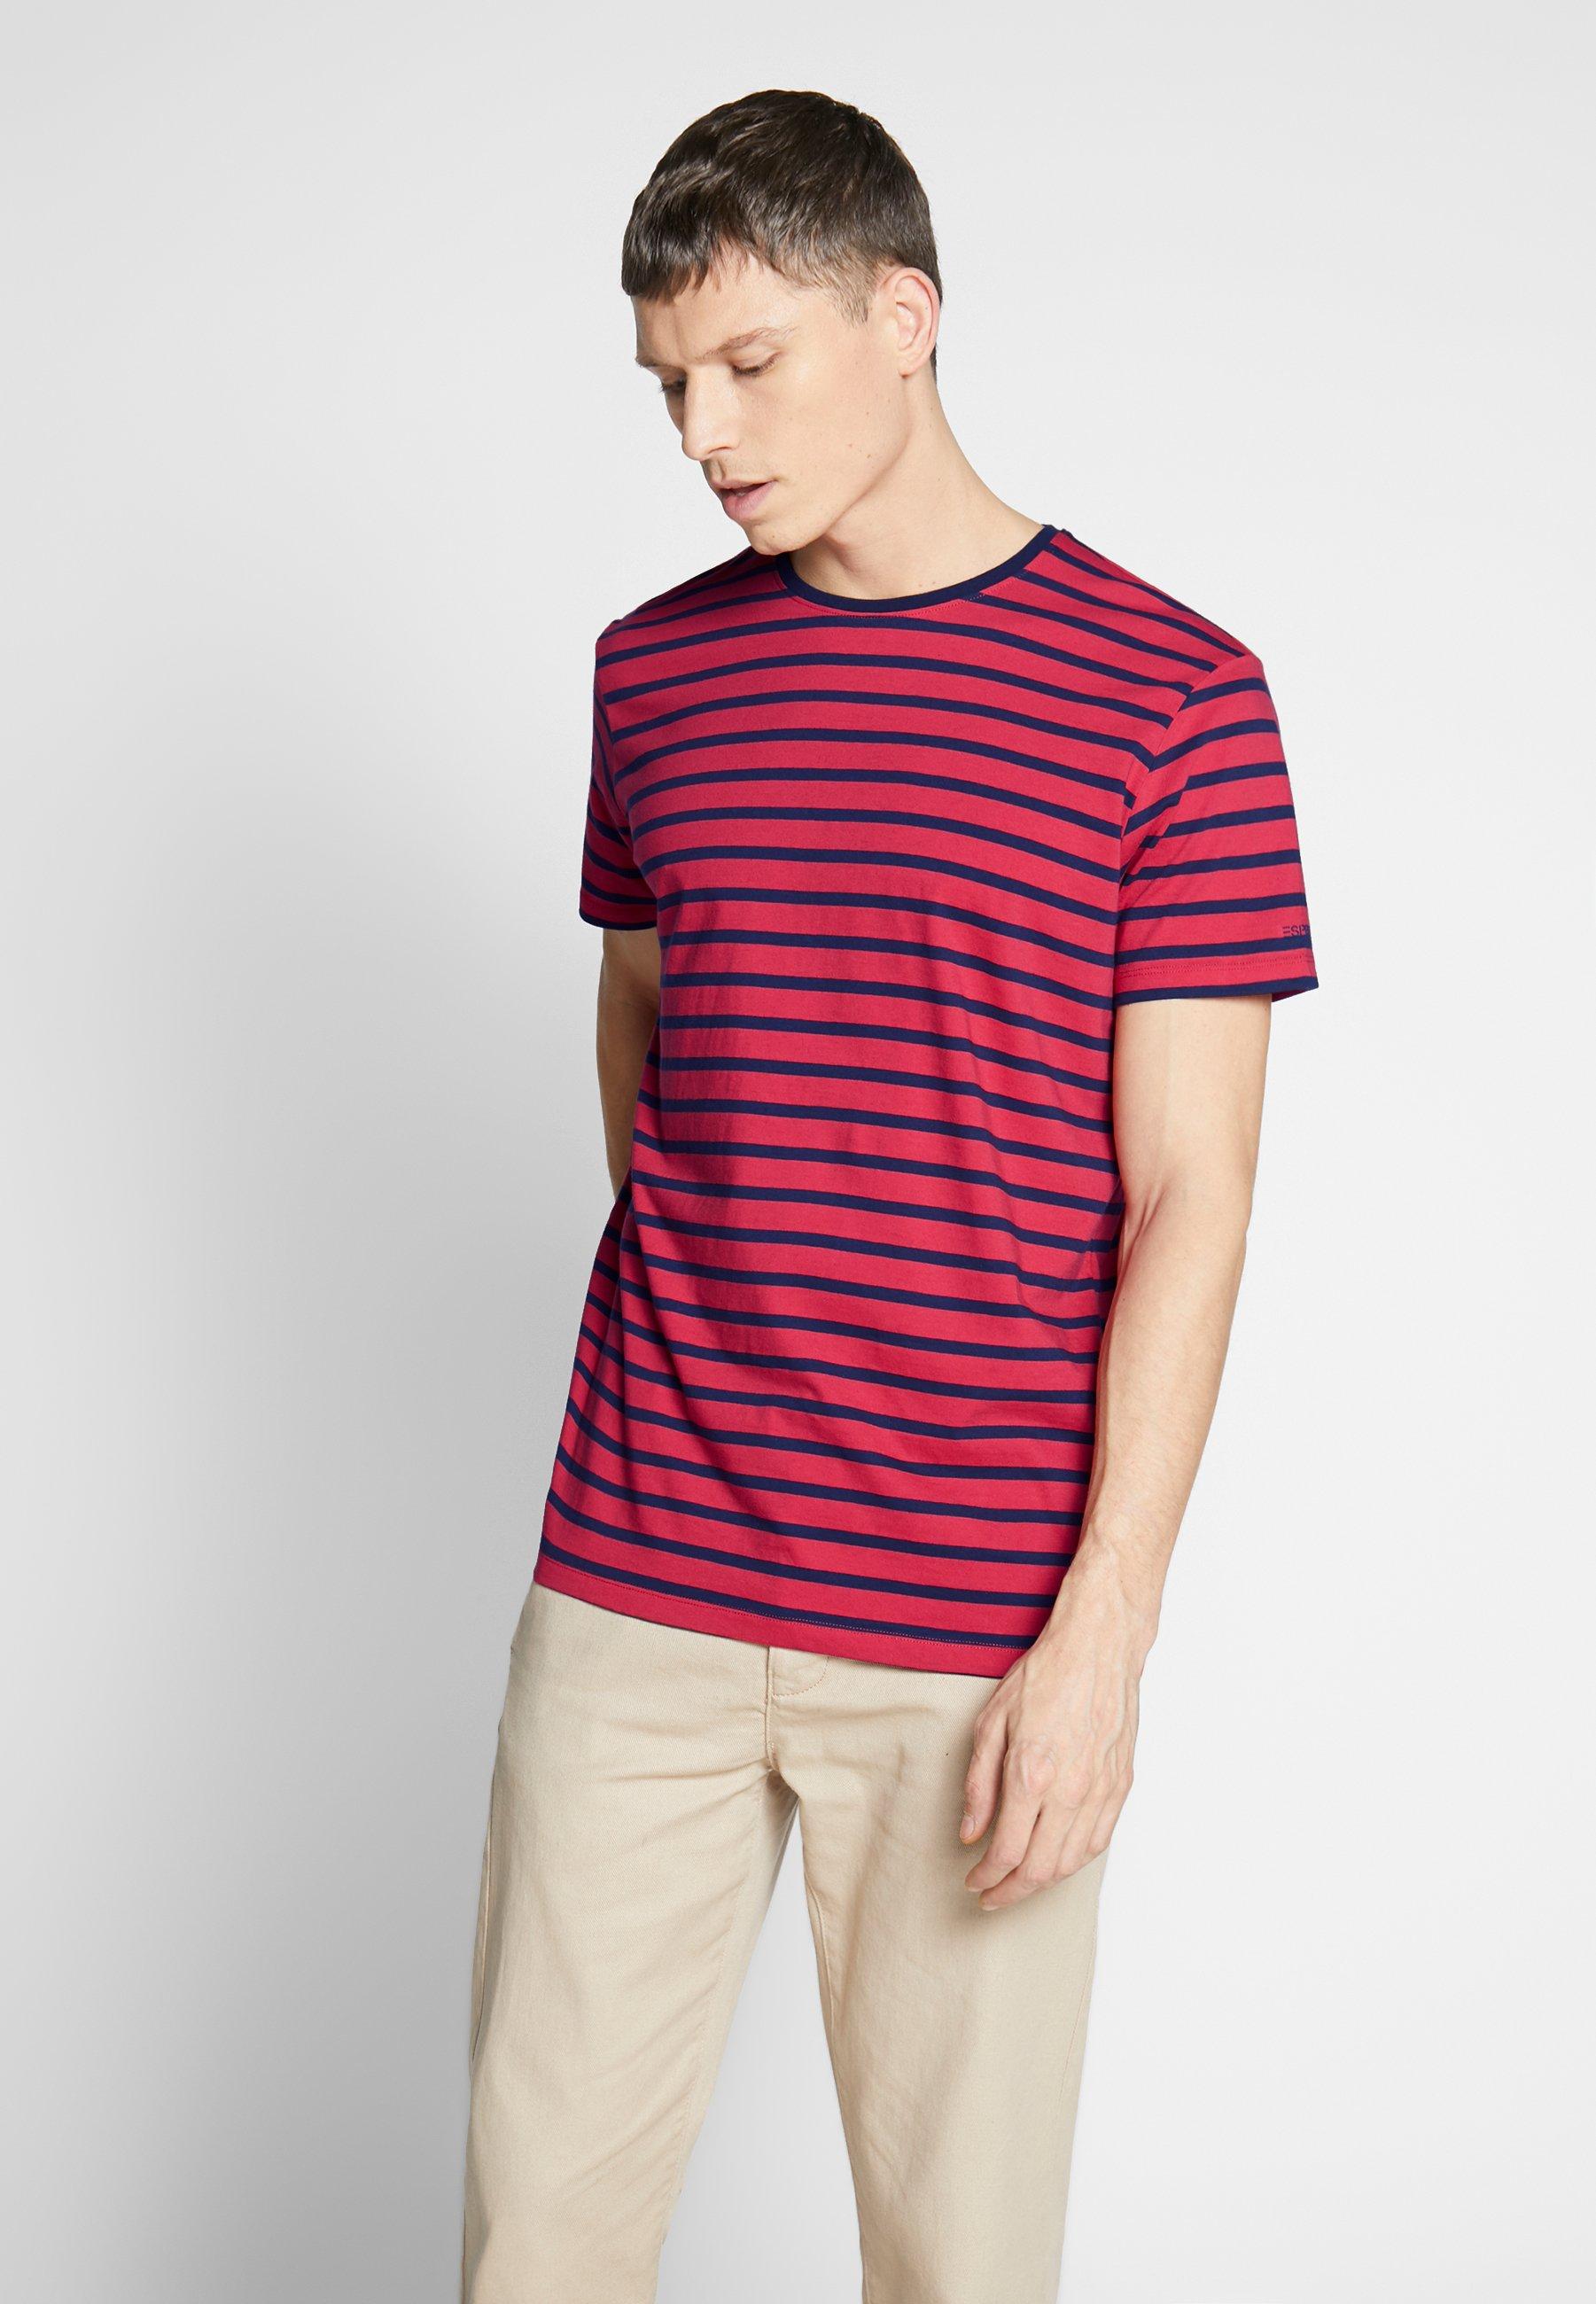 Homme T-shirt imprimé - red